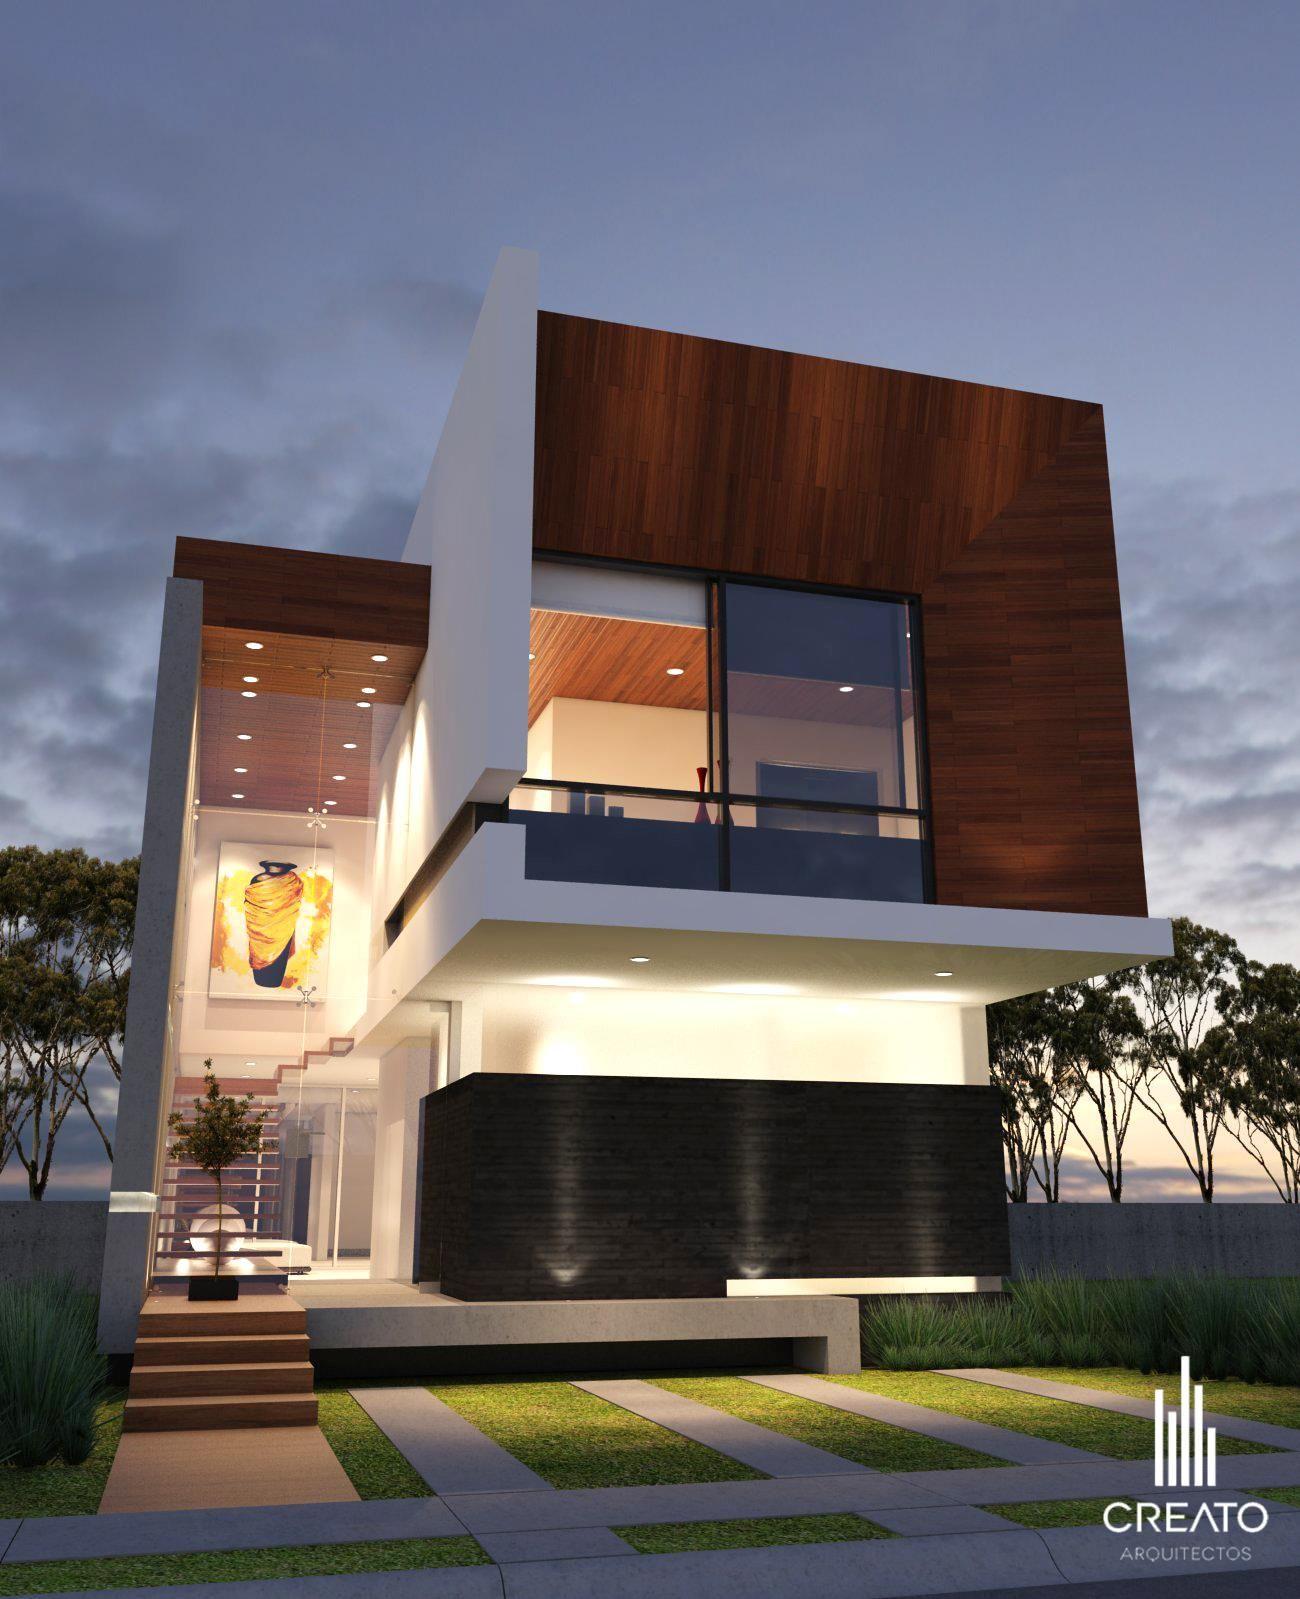 pin de isaac en plano cascada pinterest casas modernas On planos y fachadas de casas minimalistas